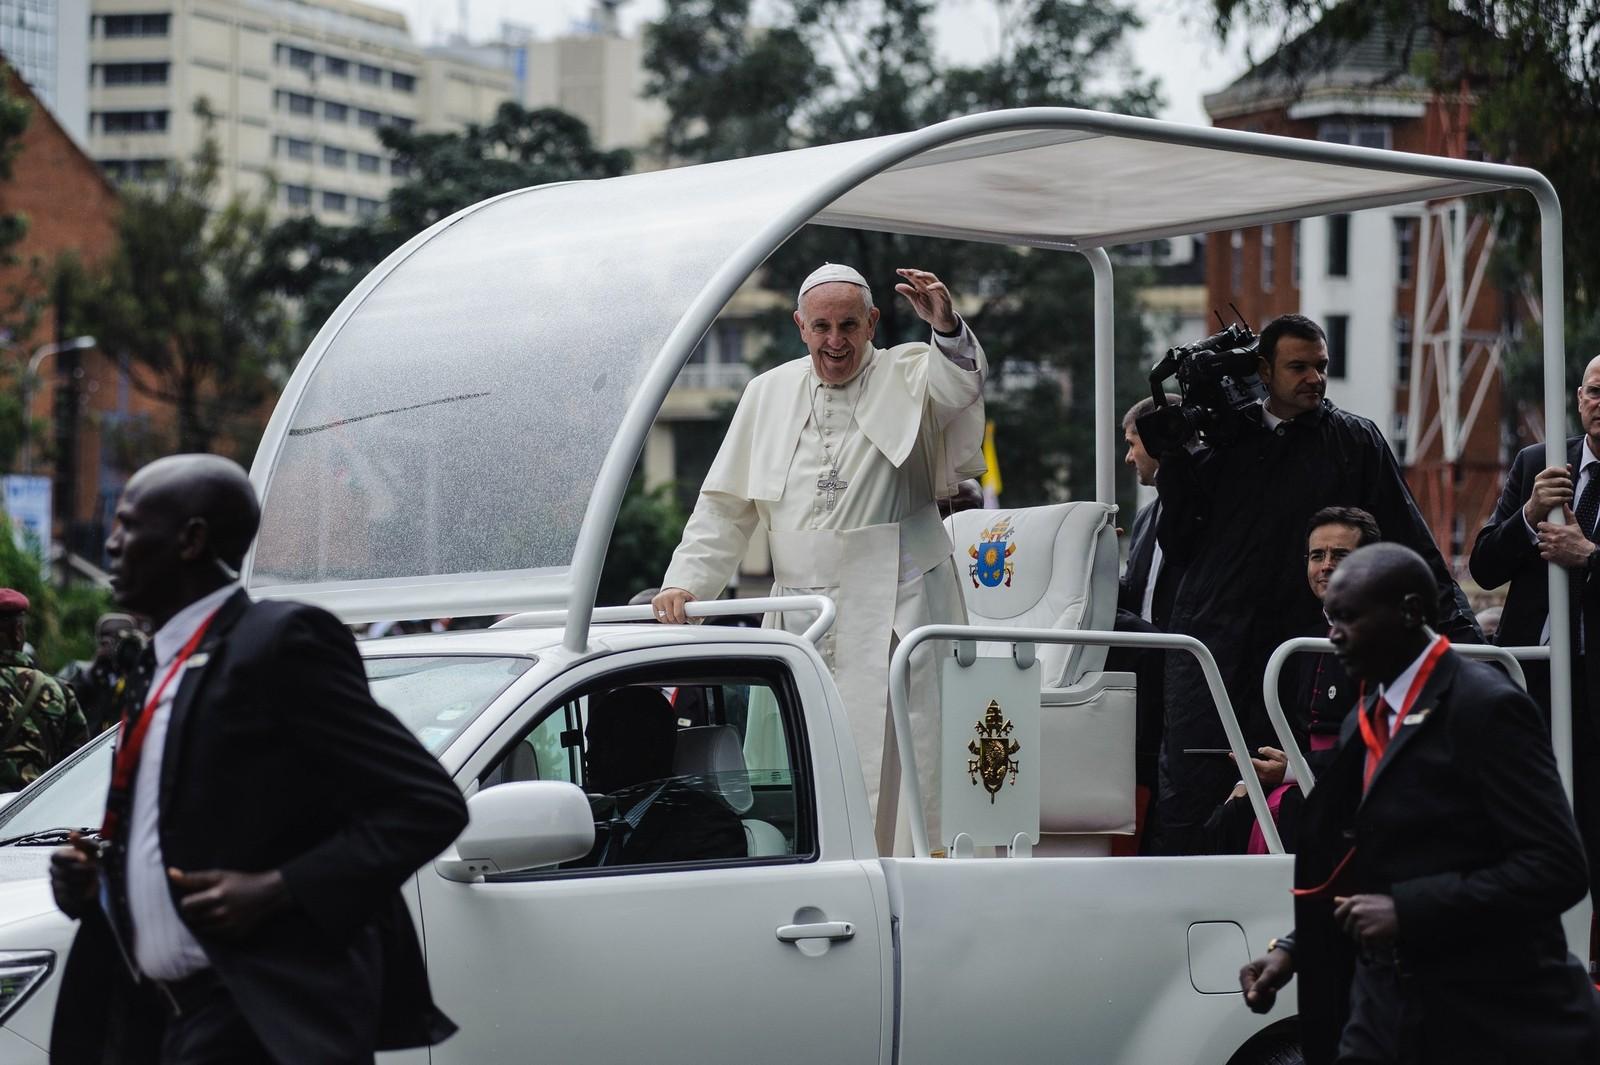 Paven besøker Nairobi i sin spesialbil, den såkalte Pope-mobile, som er bygd med store glassvinduer slik at folk skal se ham.